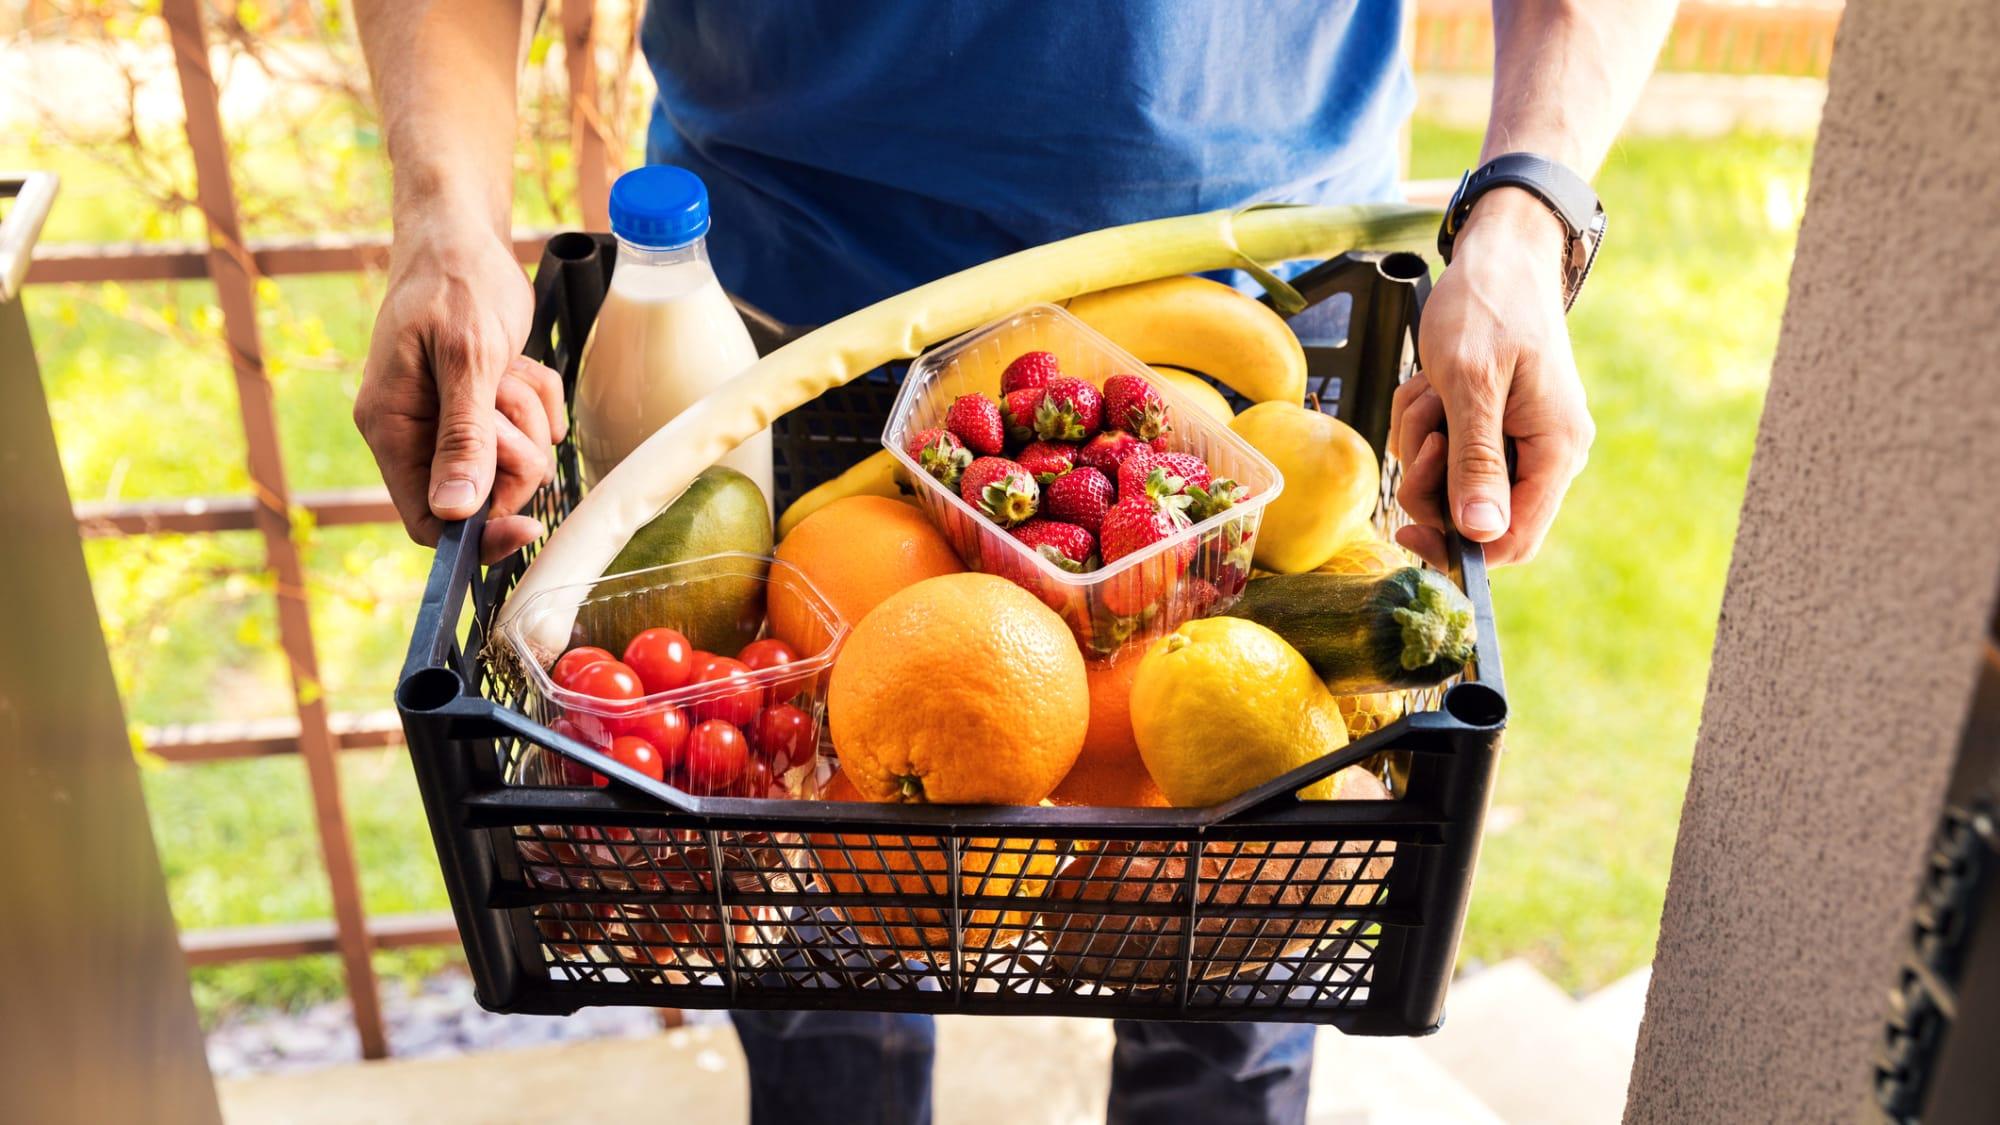 Mann hält Kiste mit Obst in der Hand